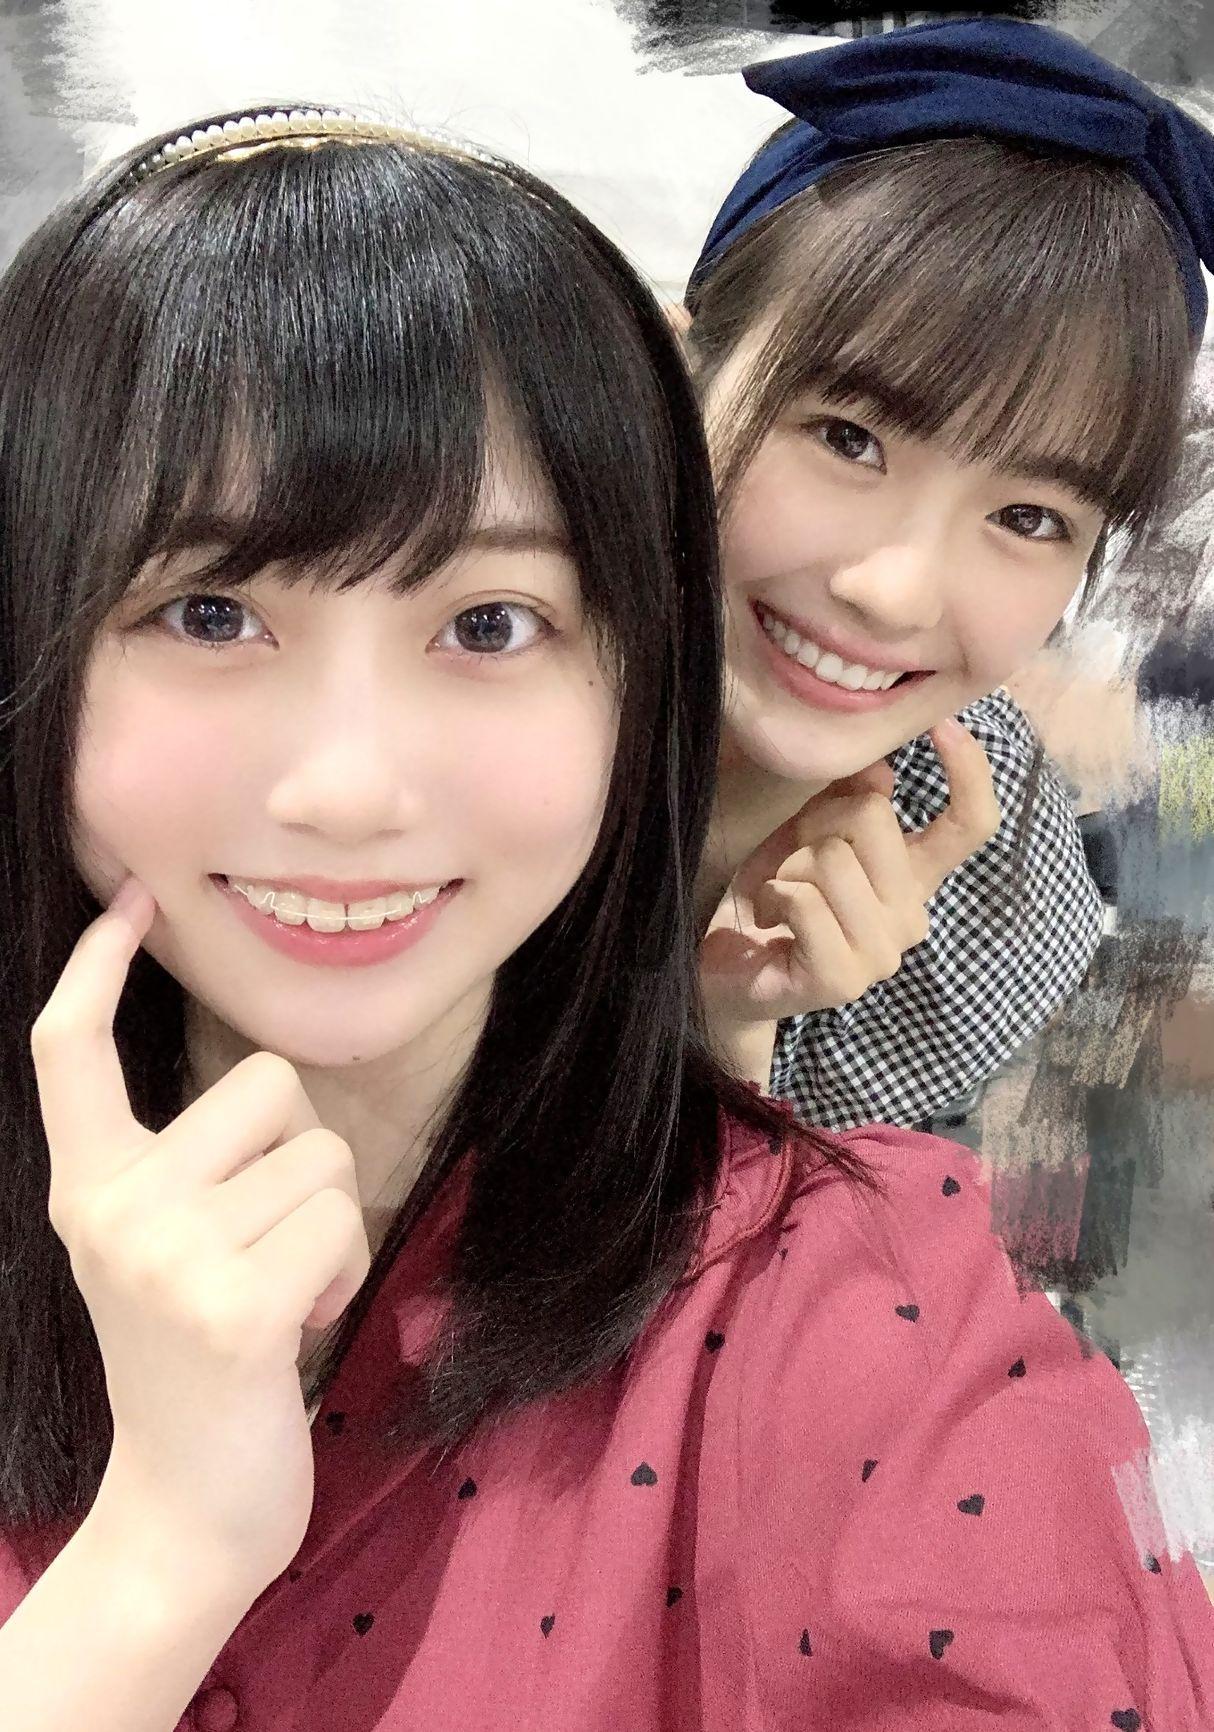 乃木坂46ツーショット 久保 乃木坂 4期生